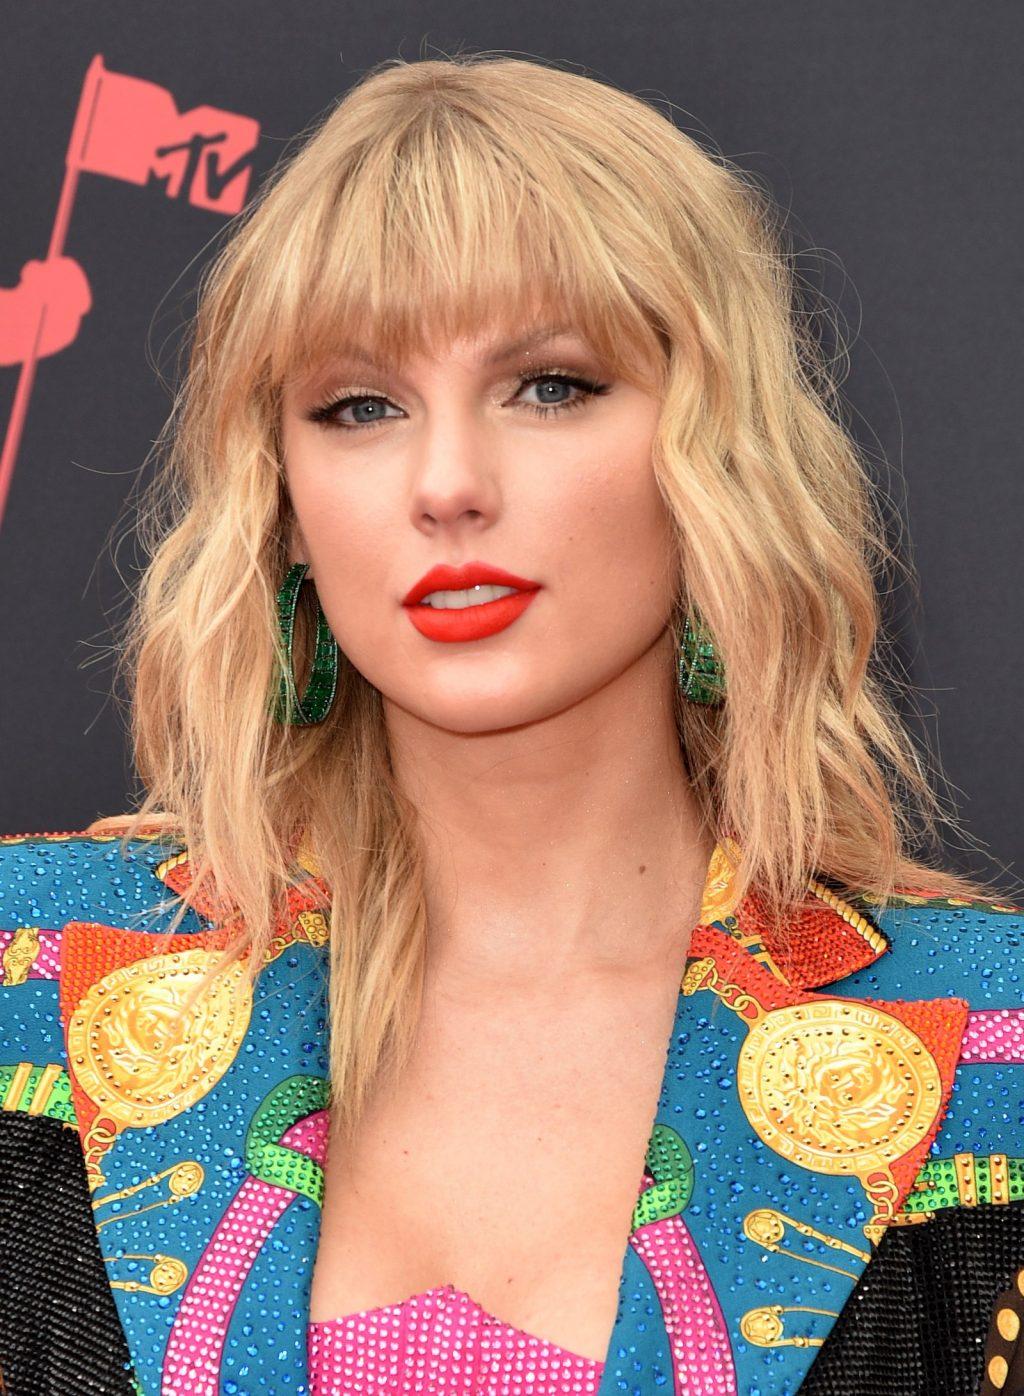 vmas - Taylor Swift